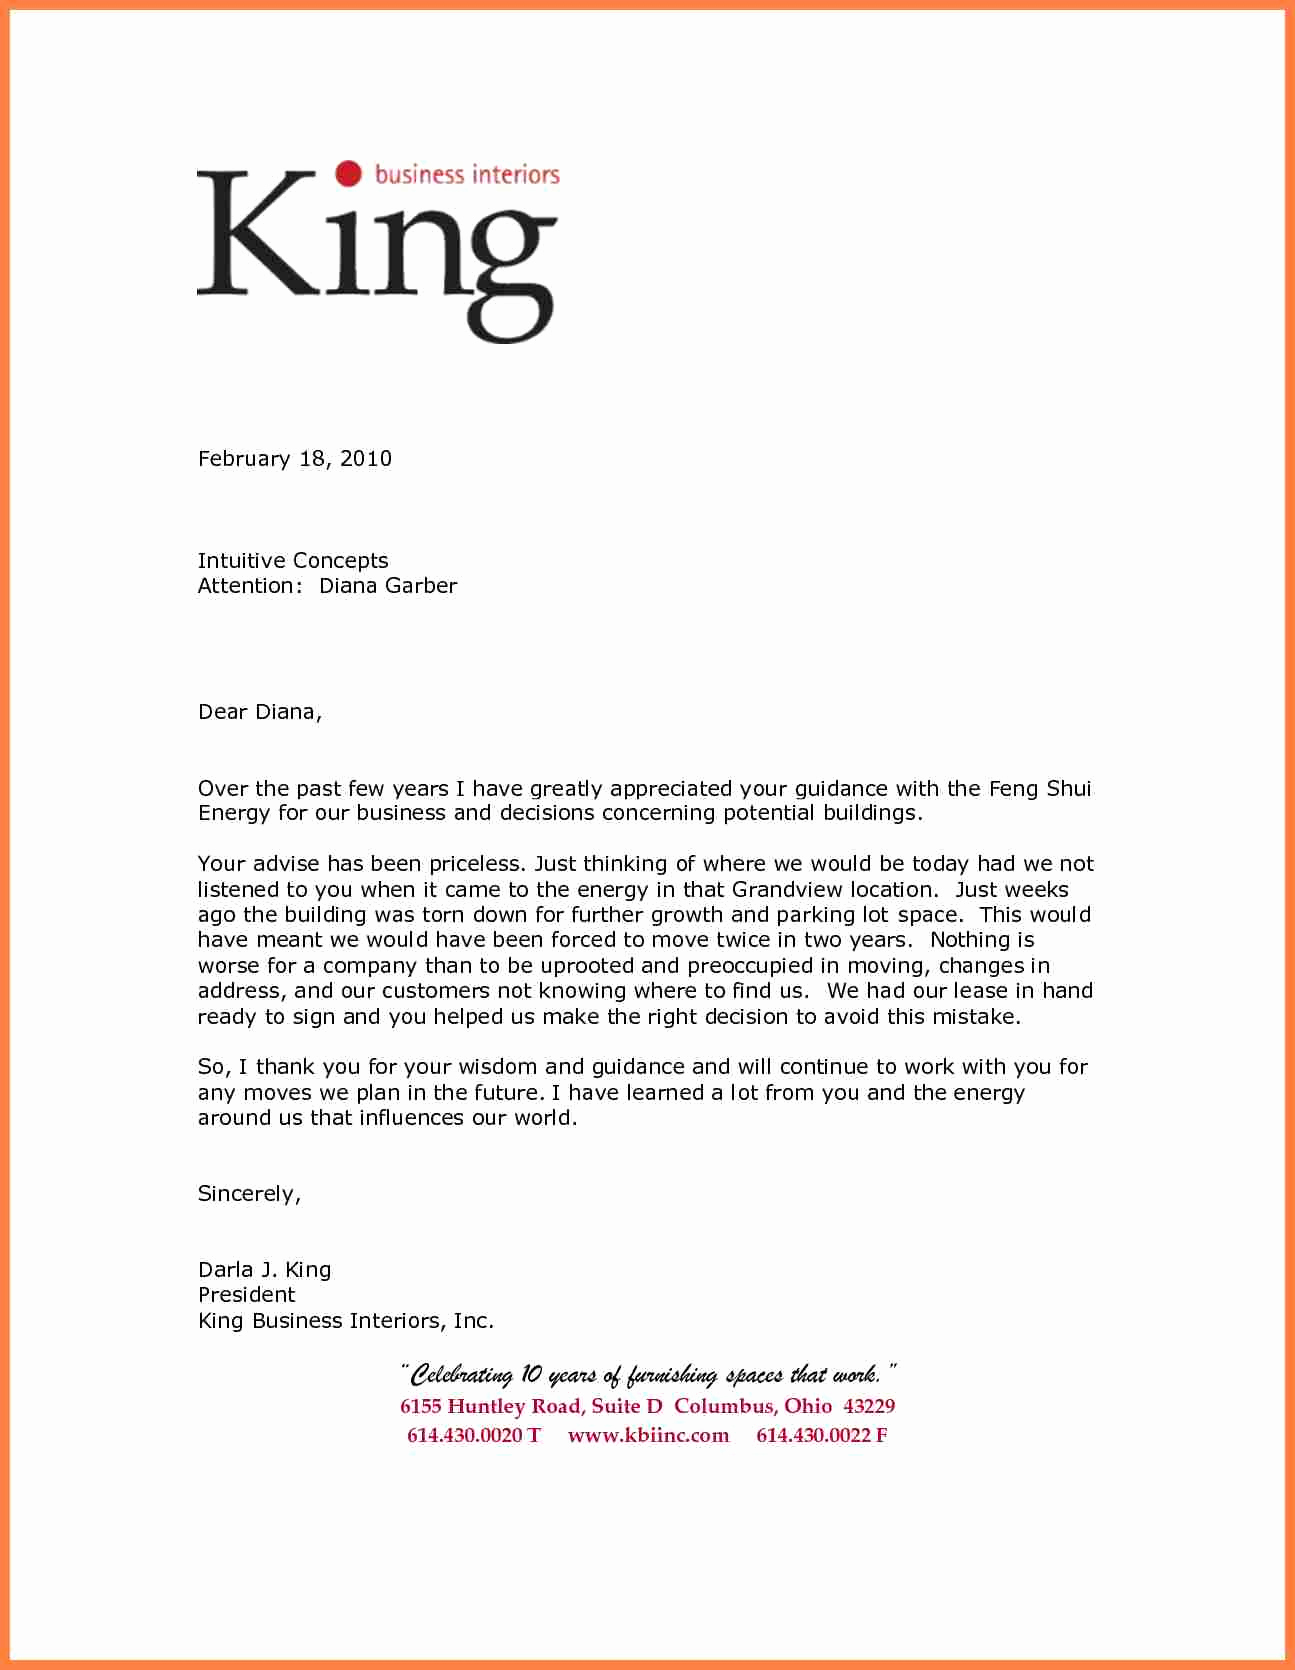 Sample Of Business Letterhead Fresh 7 Re Mendation Letter for A Pany Sample